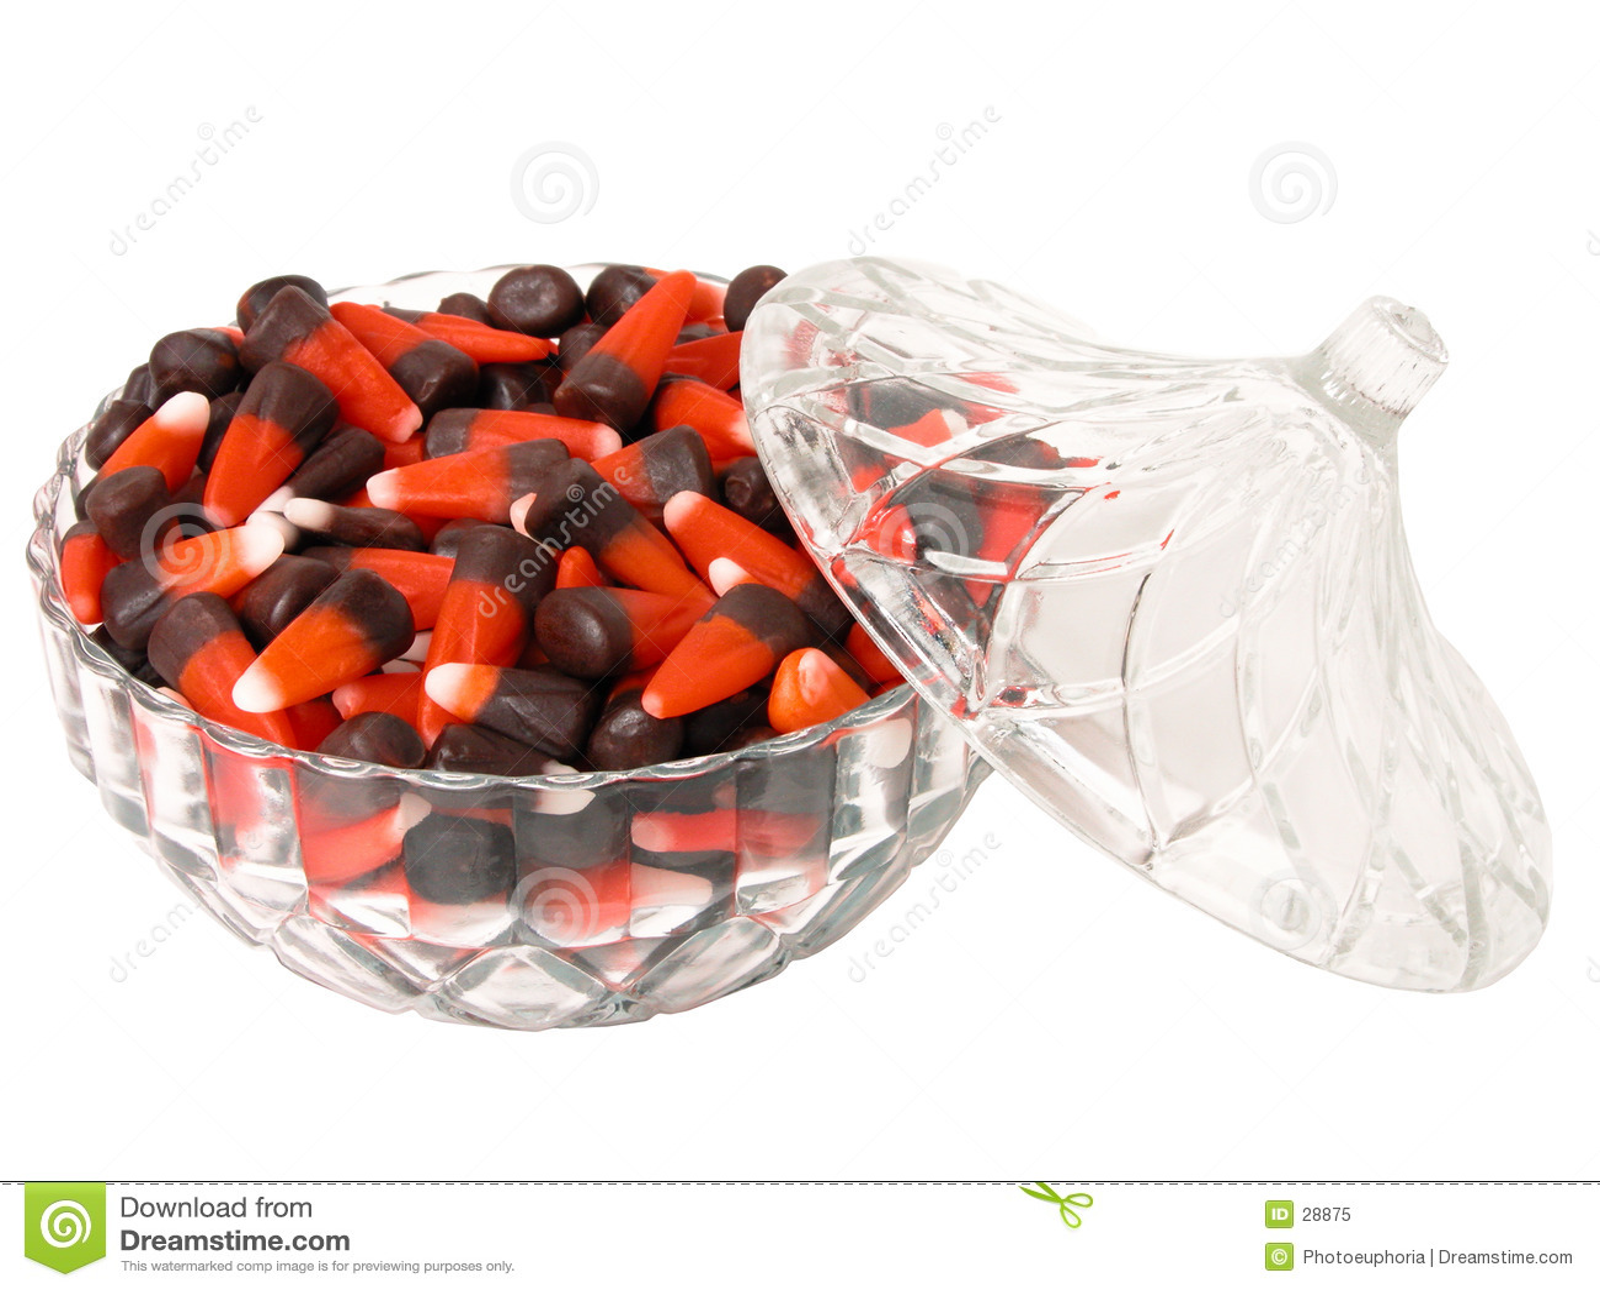 Alimento: Caramelo del maíz indio en un plato de cristal decorativo